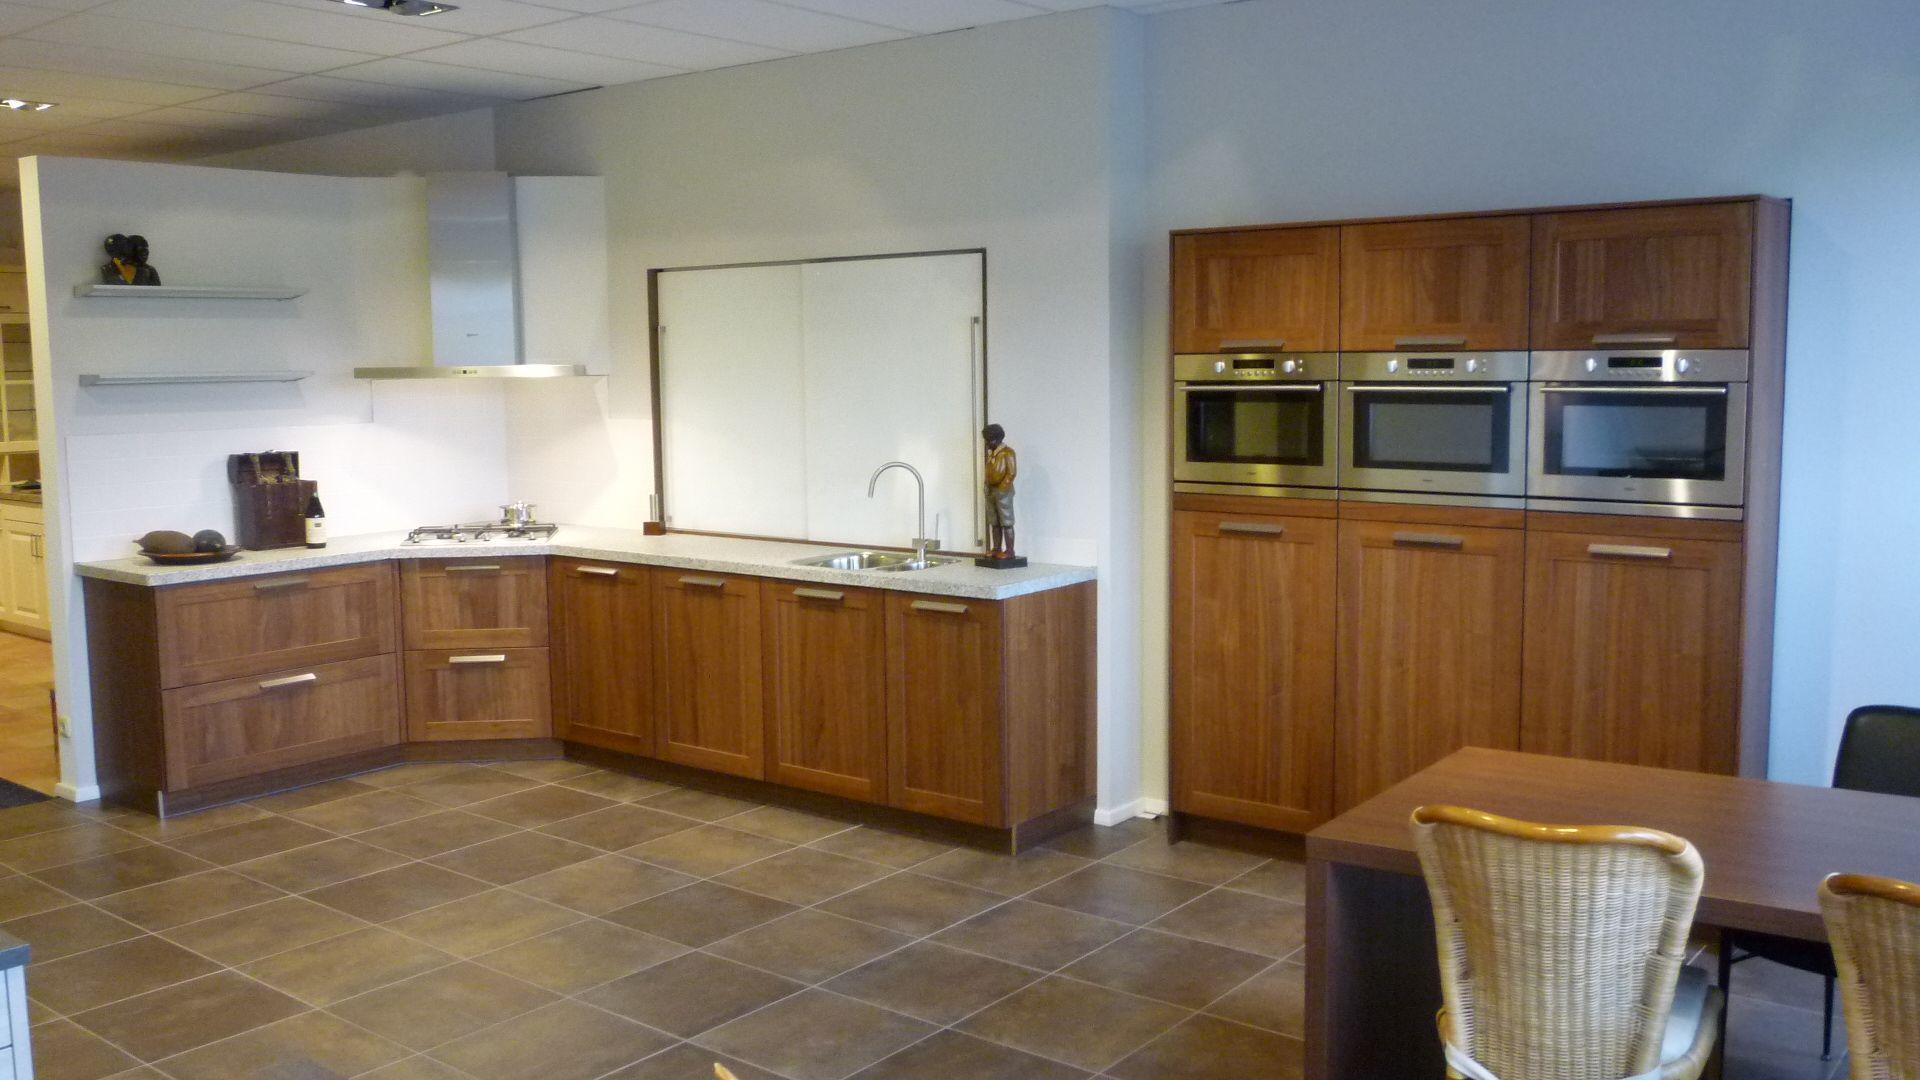 Keuken Walnoot : ... keukens voor zeer lage keuken prijzen Noten hout ...